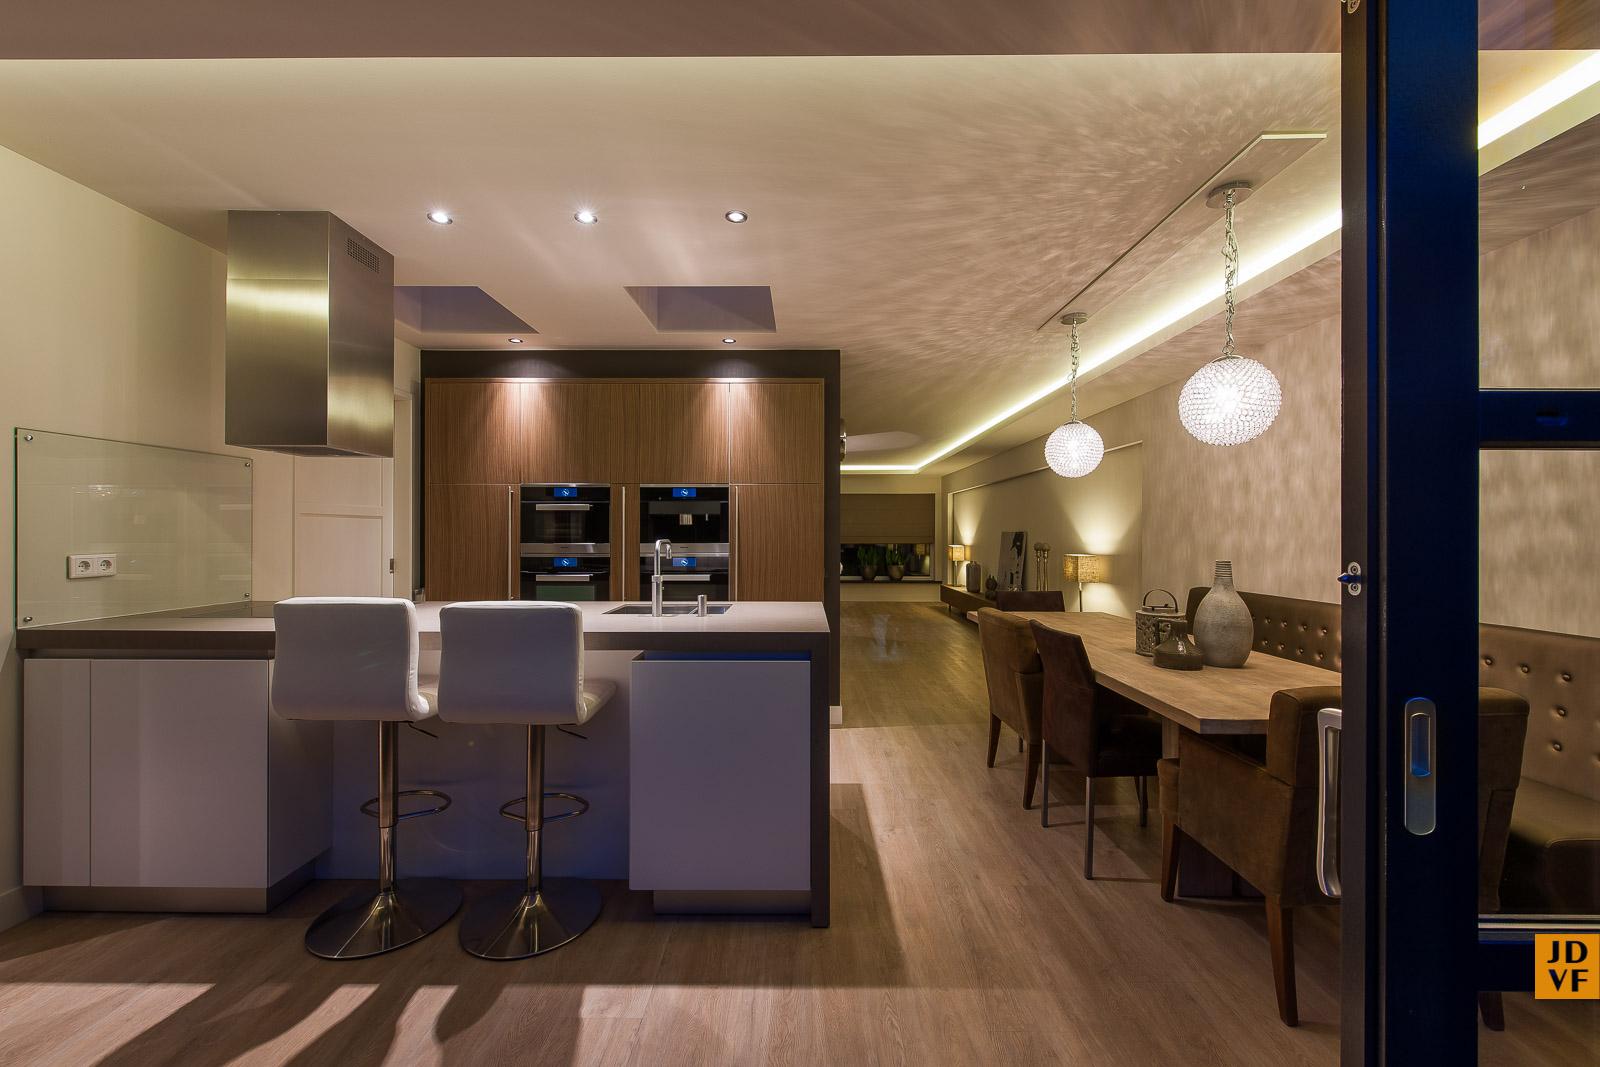 309_JDVF_interieur-architectuur-fotografie.jpg